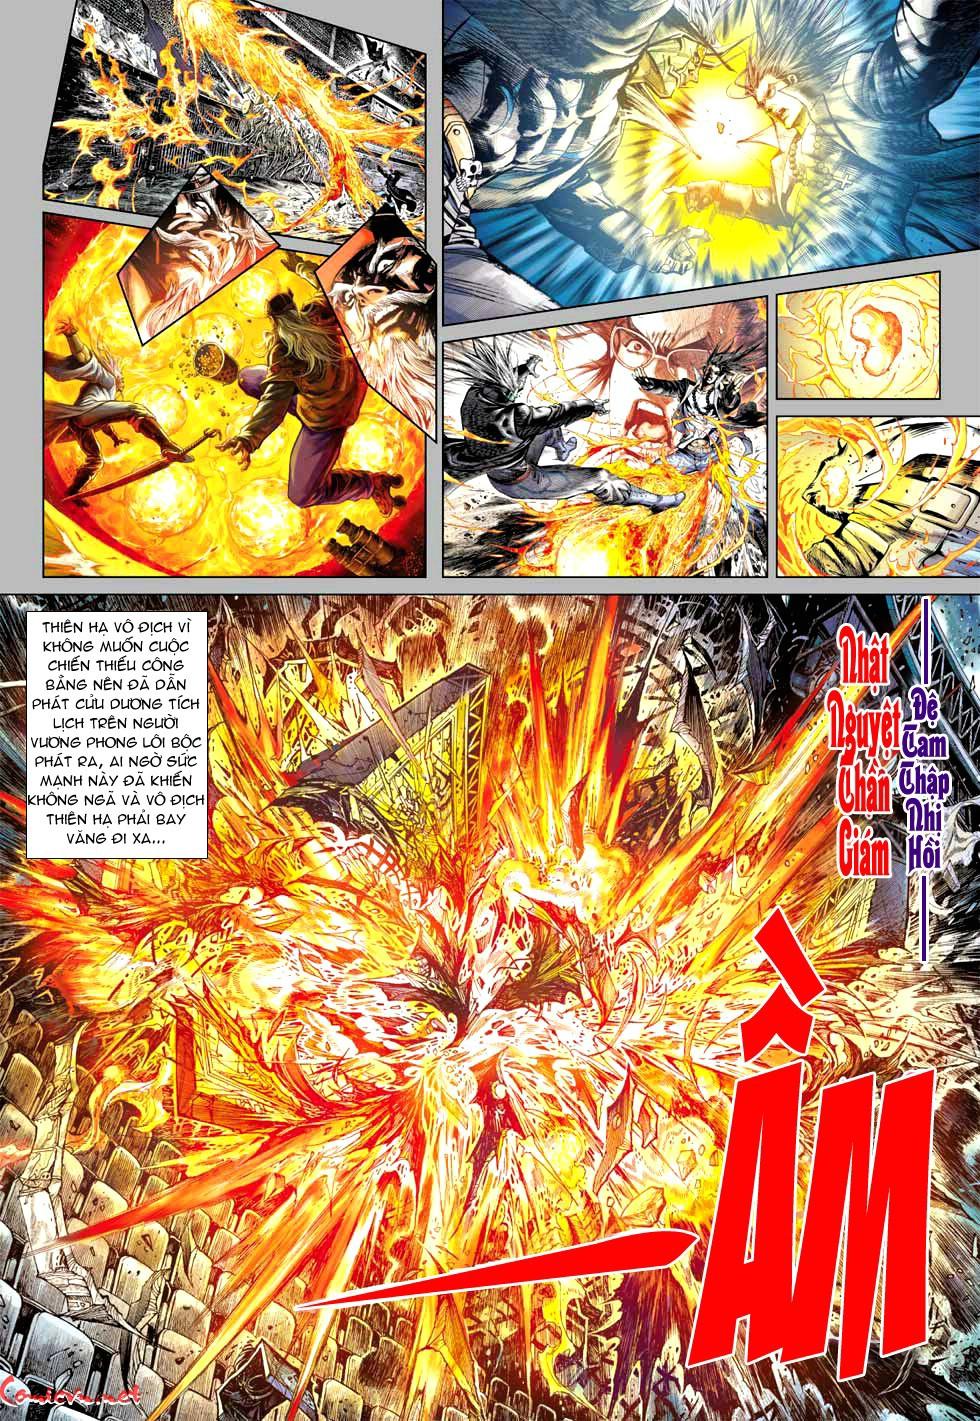 Vương Phong Lôi 1 chap 32 - Trang 2